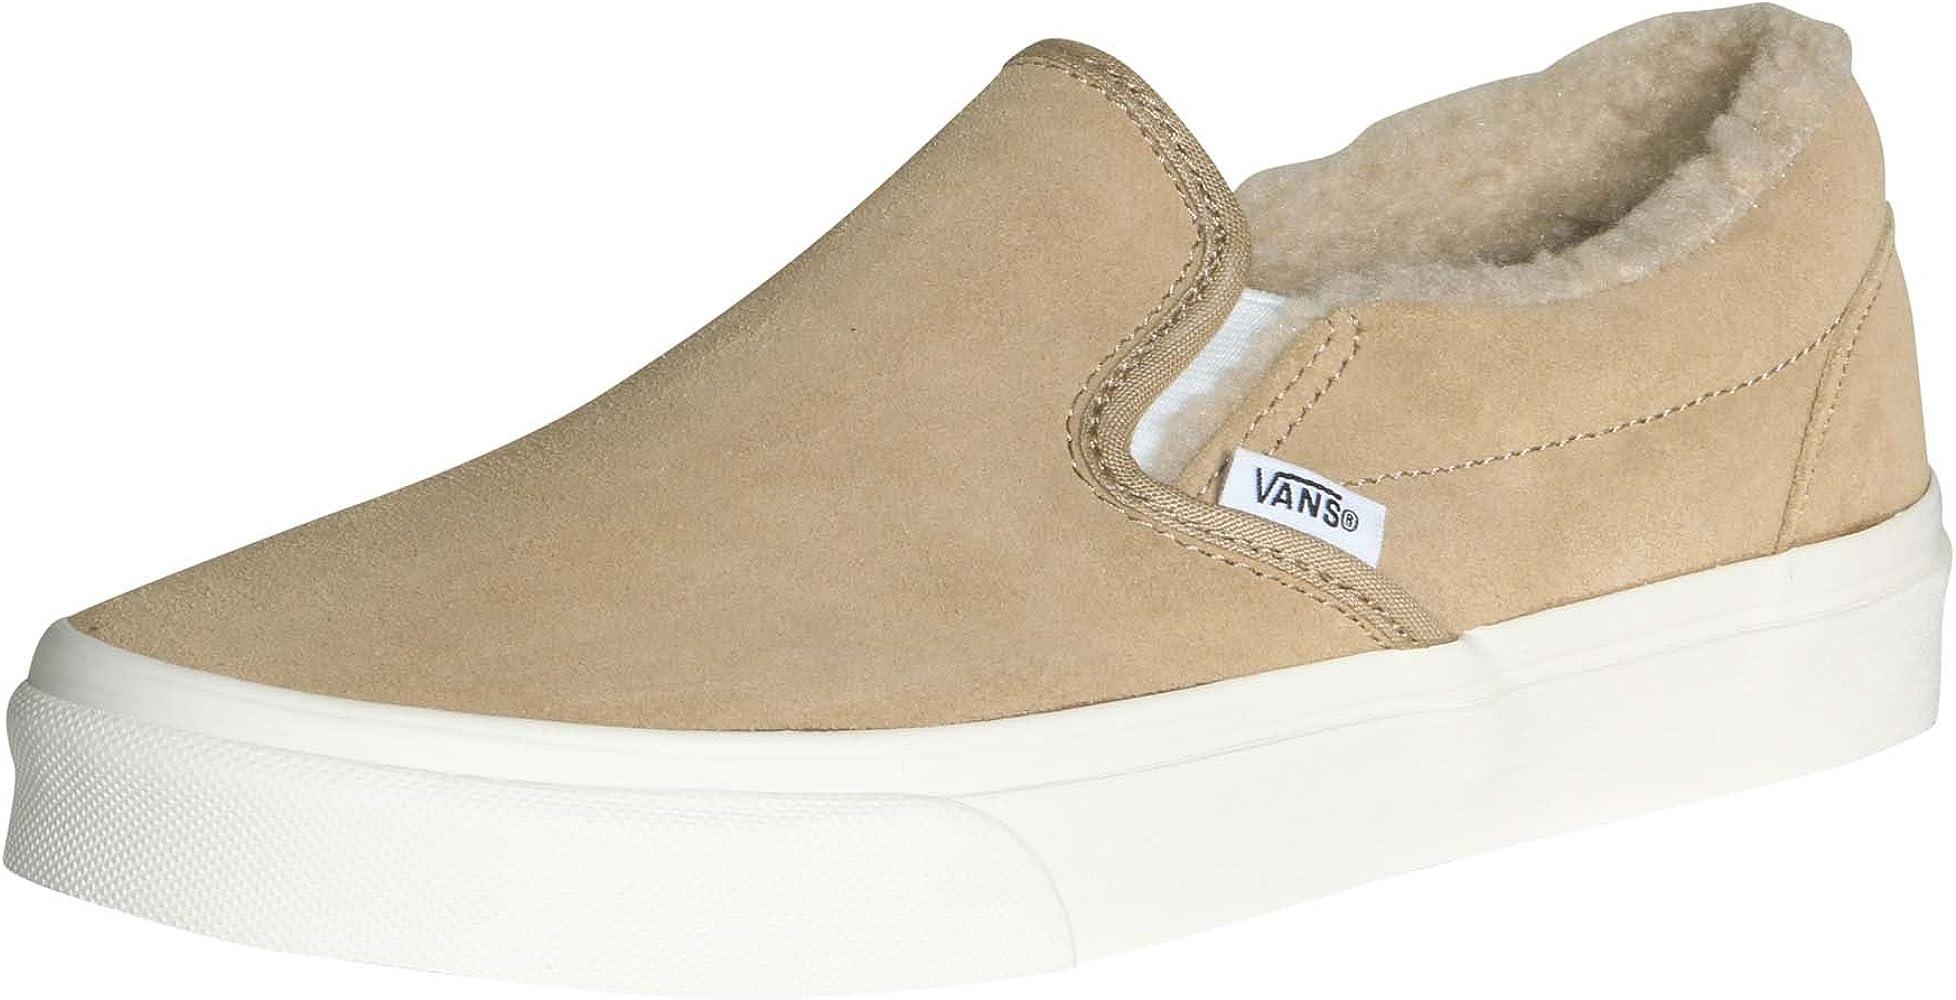 Vans Classic Slip On Suede/Fleece Khaki